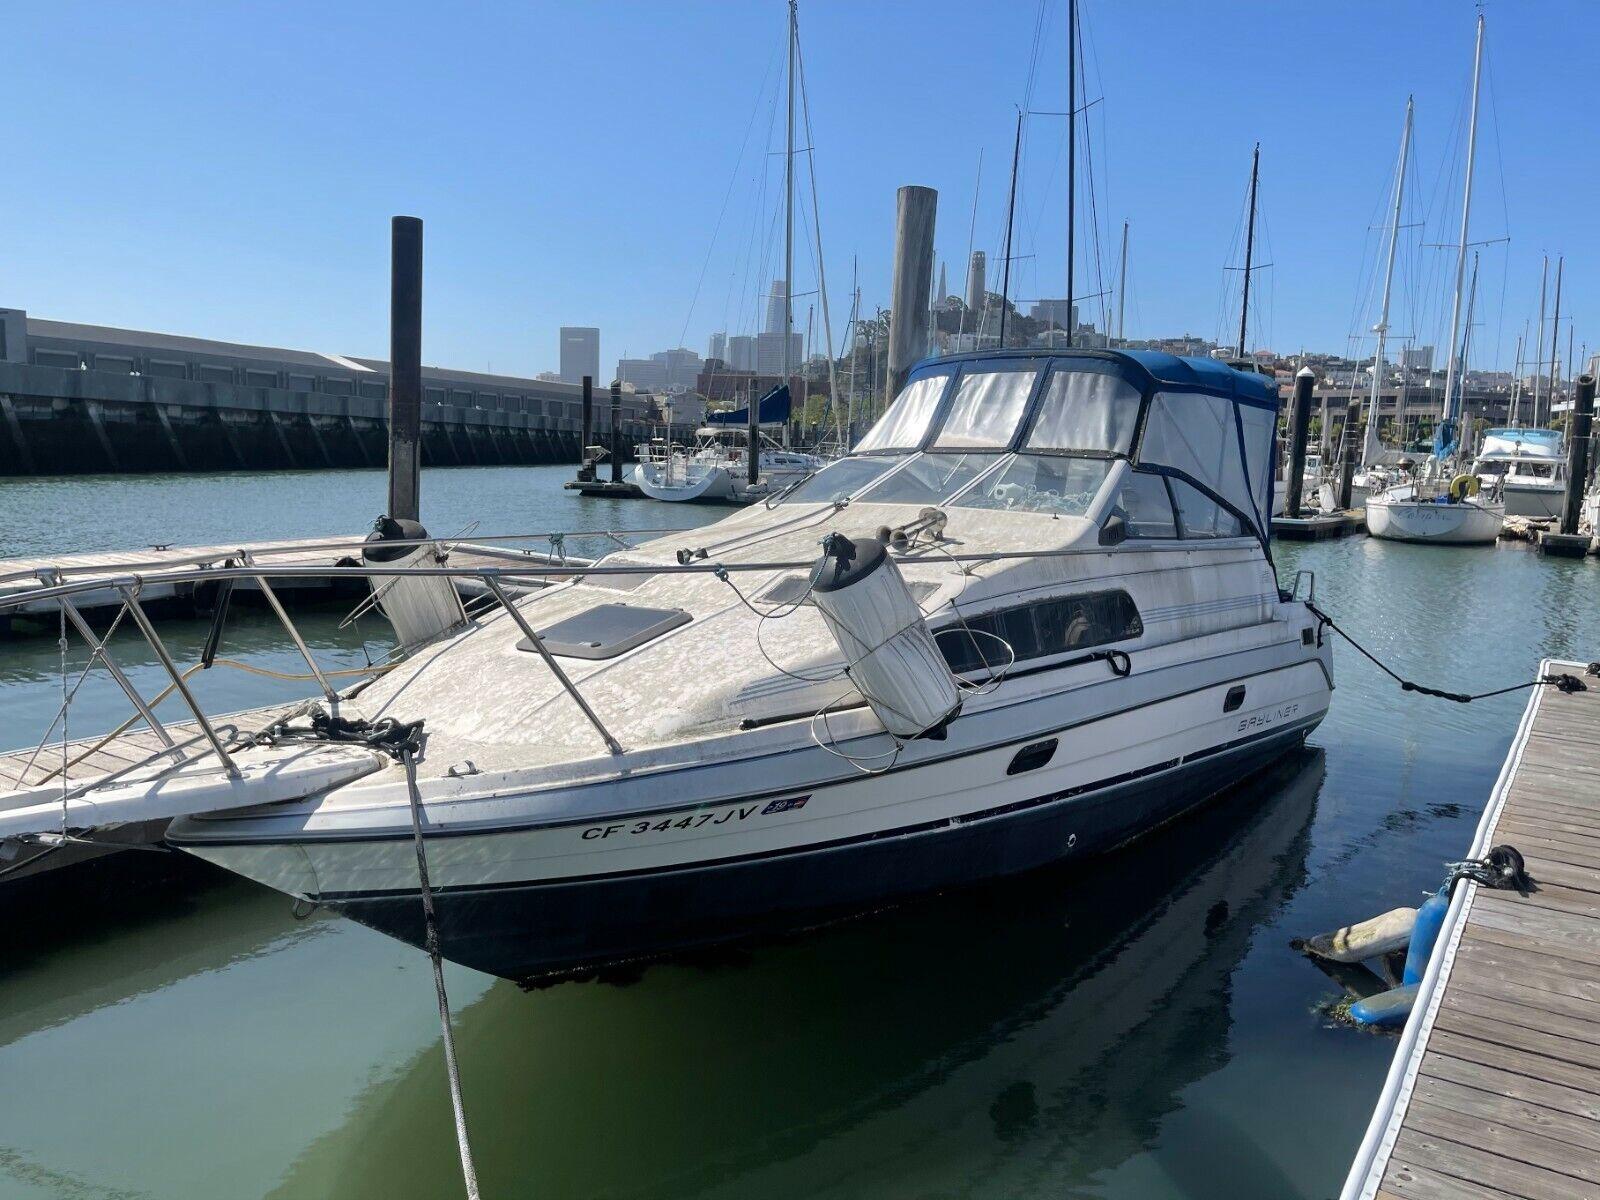 1992 Bayliner Ciera Sunbridge 26' Cabin Cruiser - California